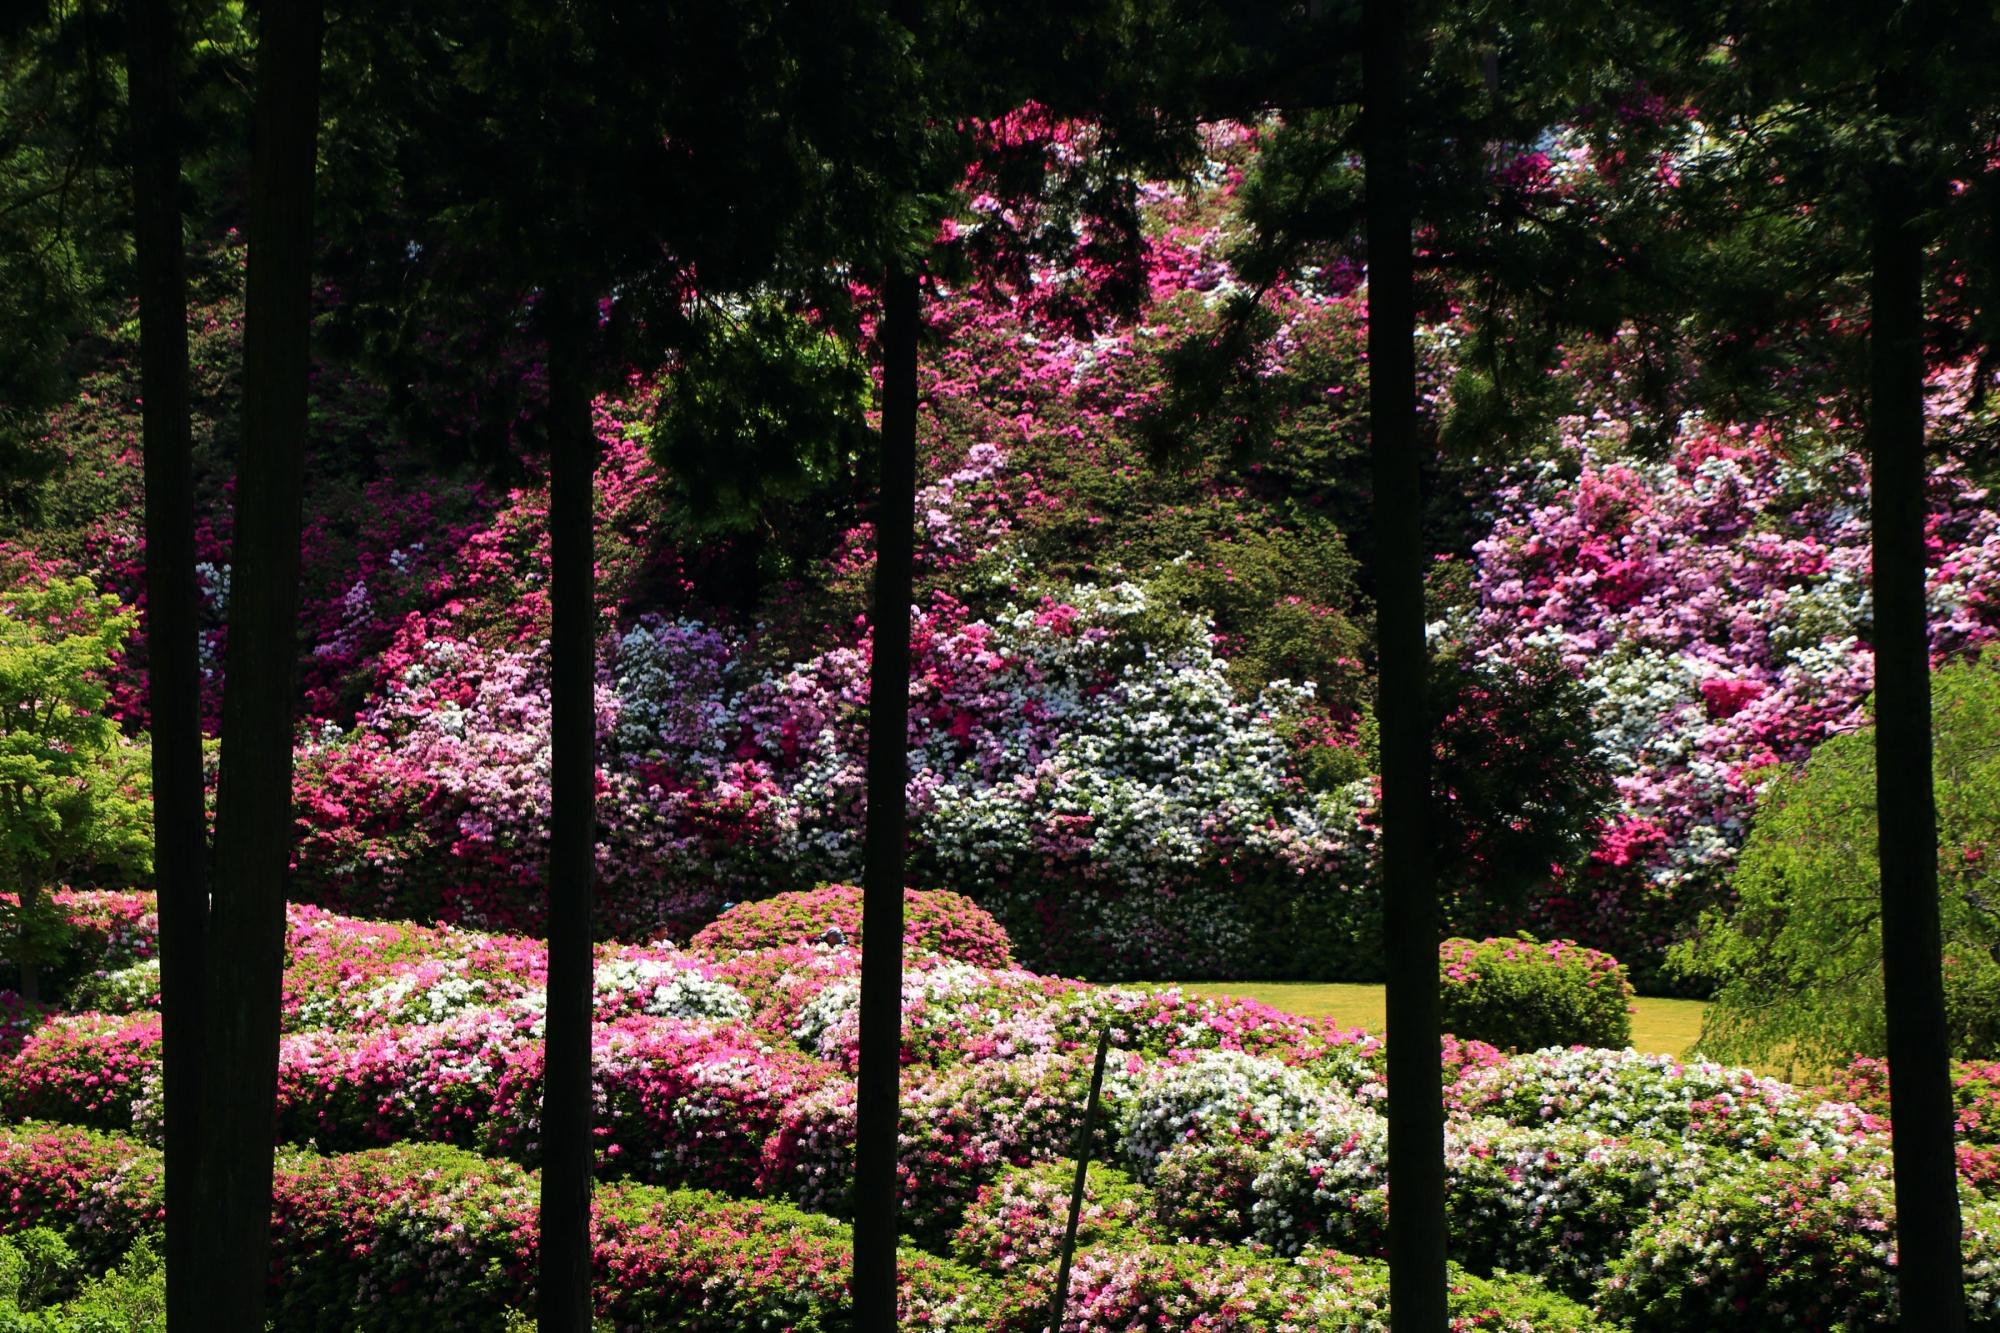 遠目から眺めた趣きの異なる三室戸寺の満開のつつじ園